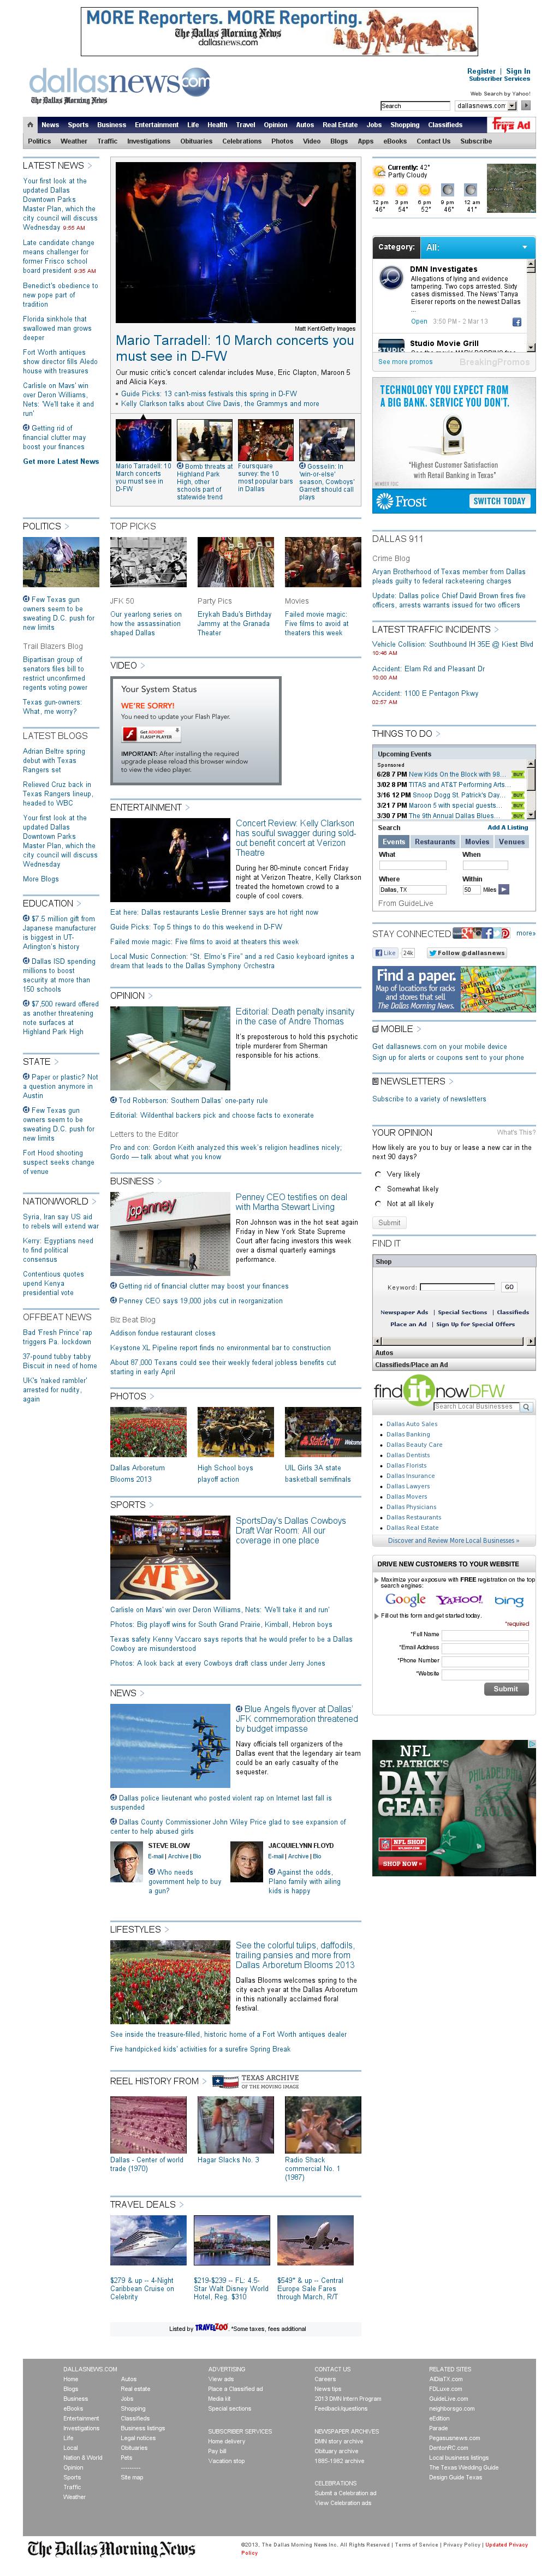 dallasnews.com at Saturday March 2, 2013, 5:04 p.m. UTC